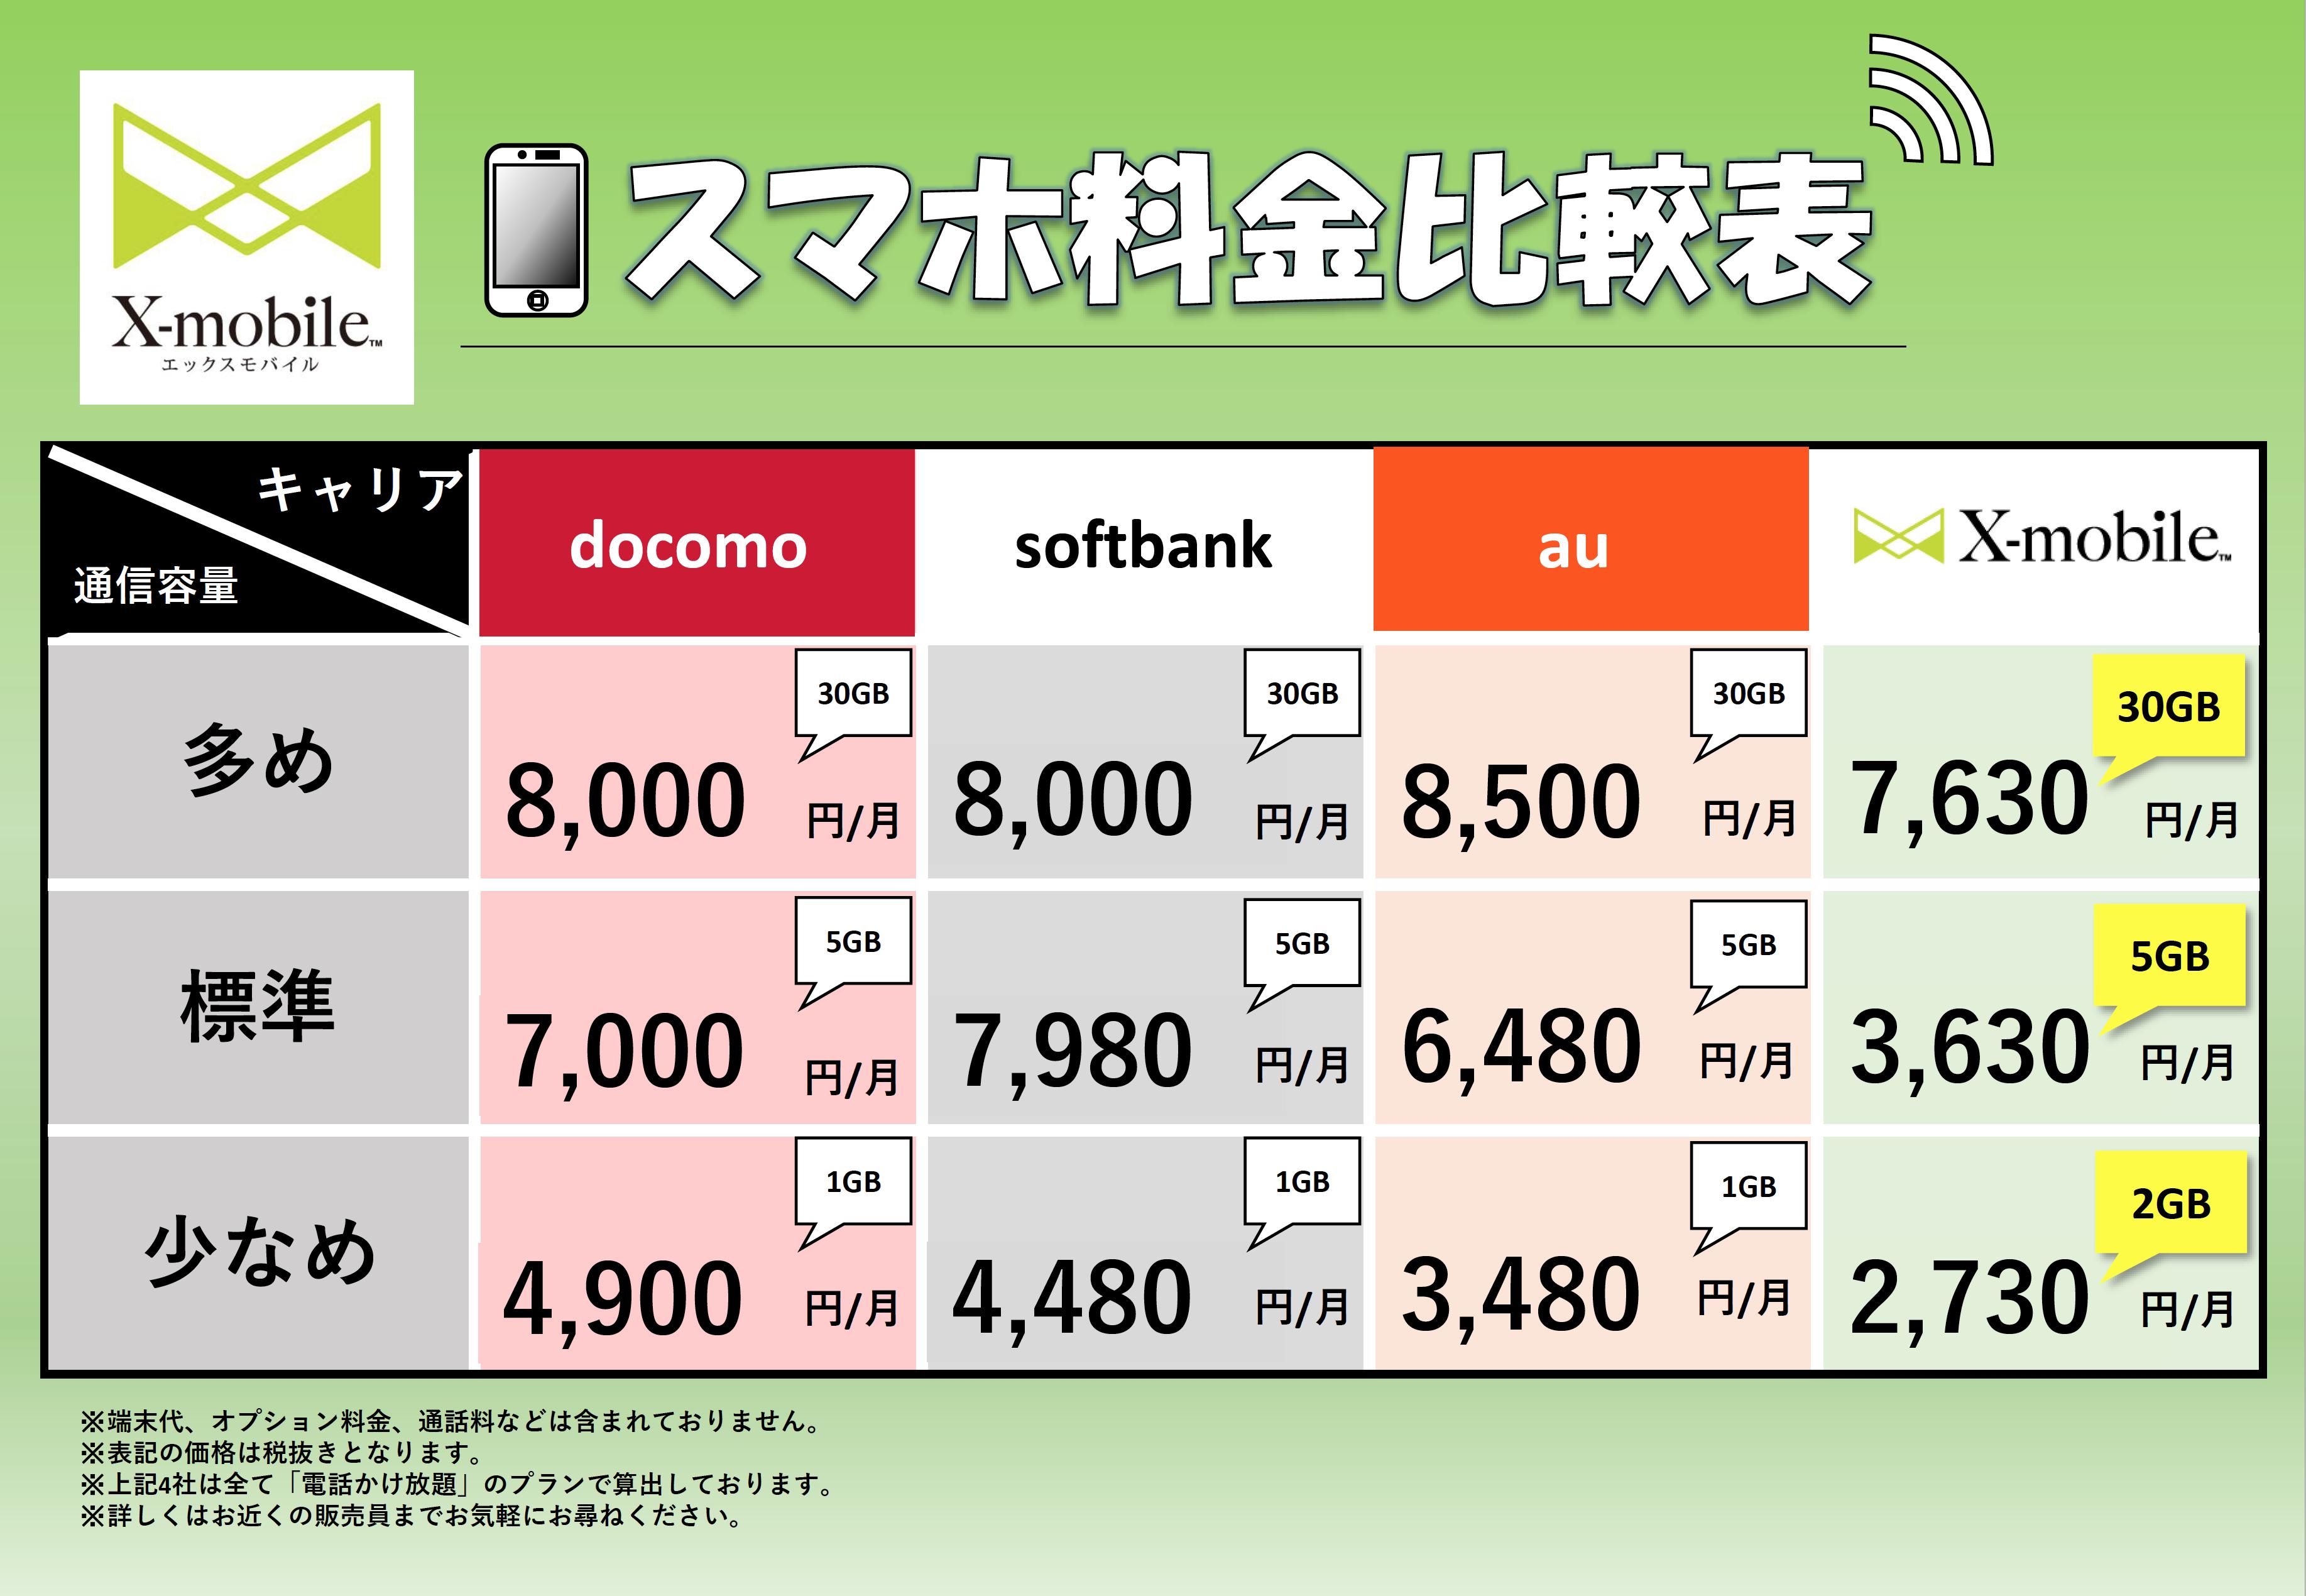 スマホ料金比較 docomo、softbank、au、X-mobile